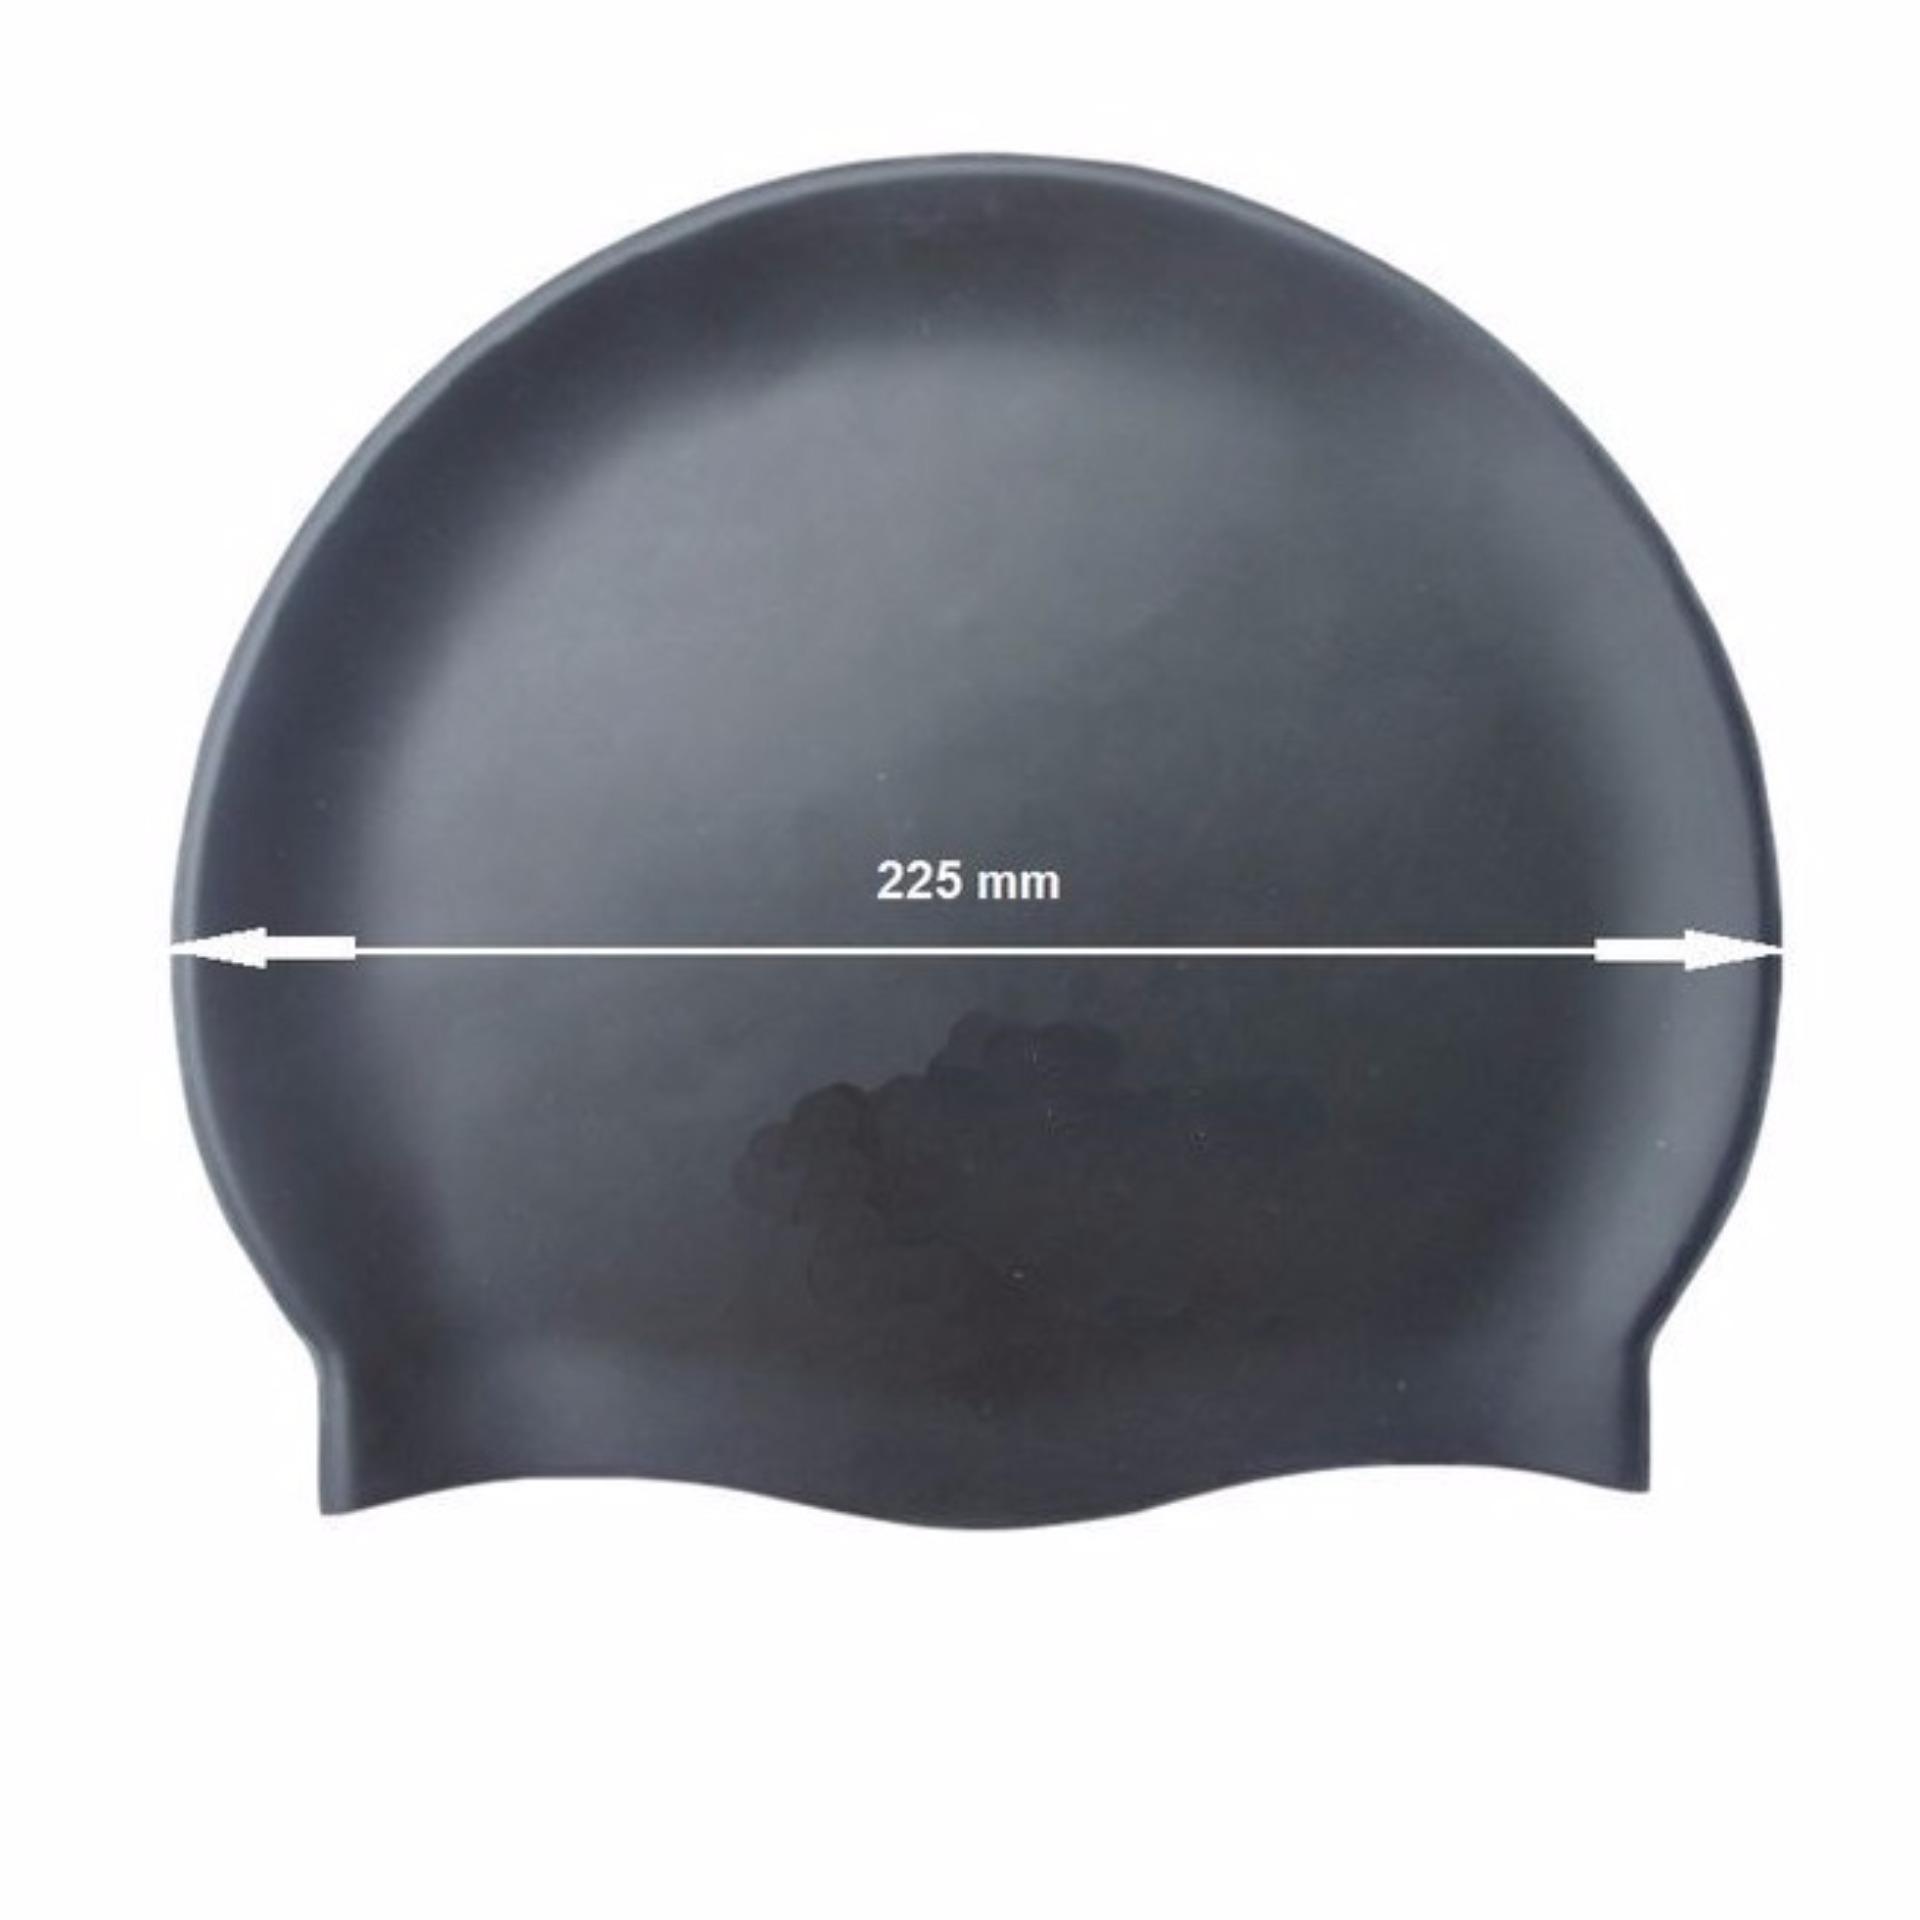 Nón bơi mũ bơi trơn silicone chống thống nước cao cấp CA31 POPO Collection - 3